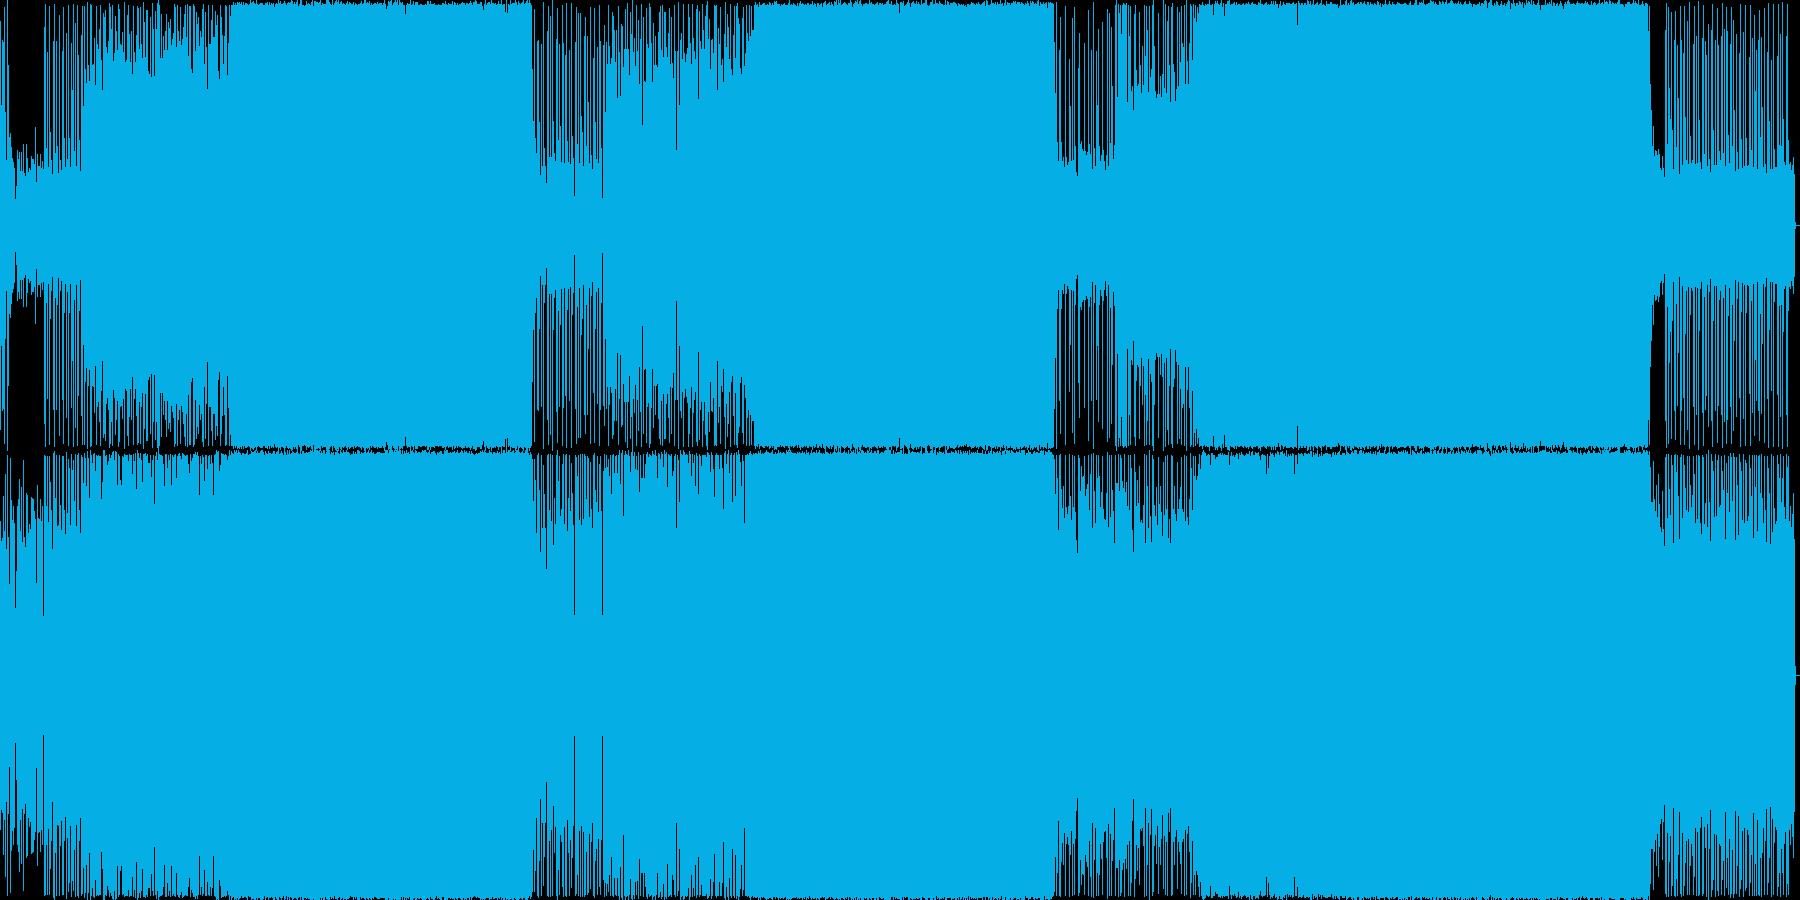 生演奏。ギターリフが印象的な疾走系ロックの再生済みの波形